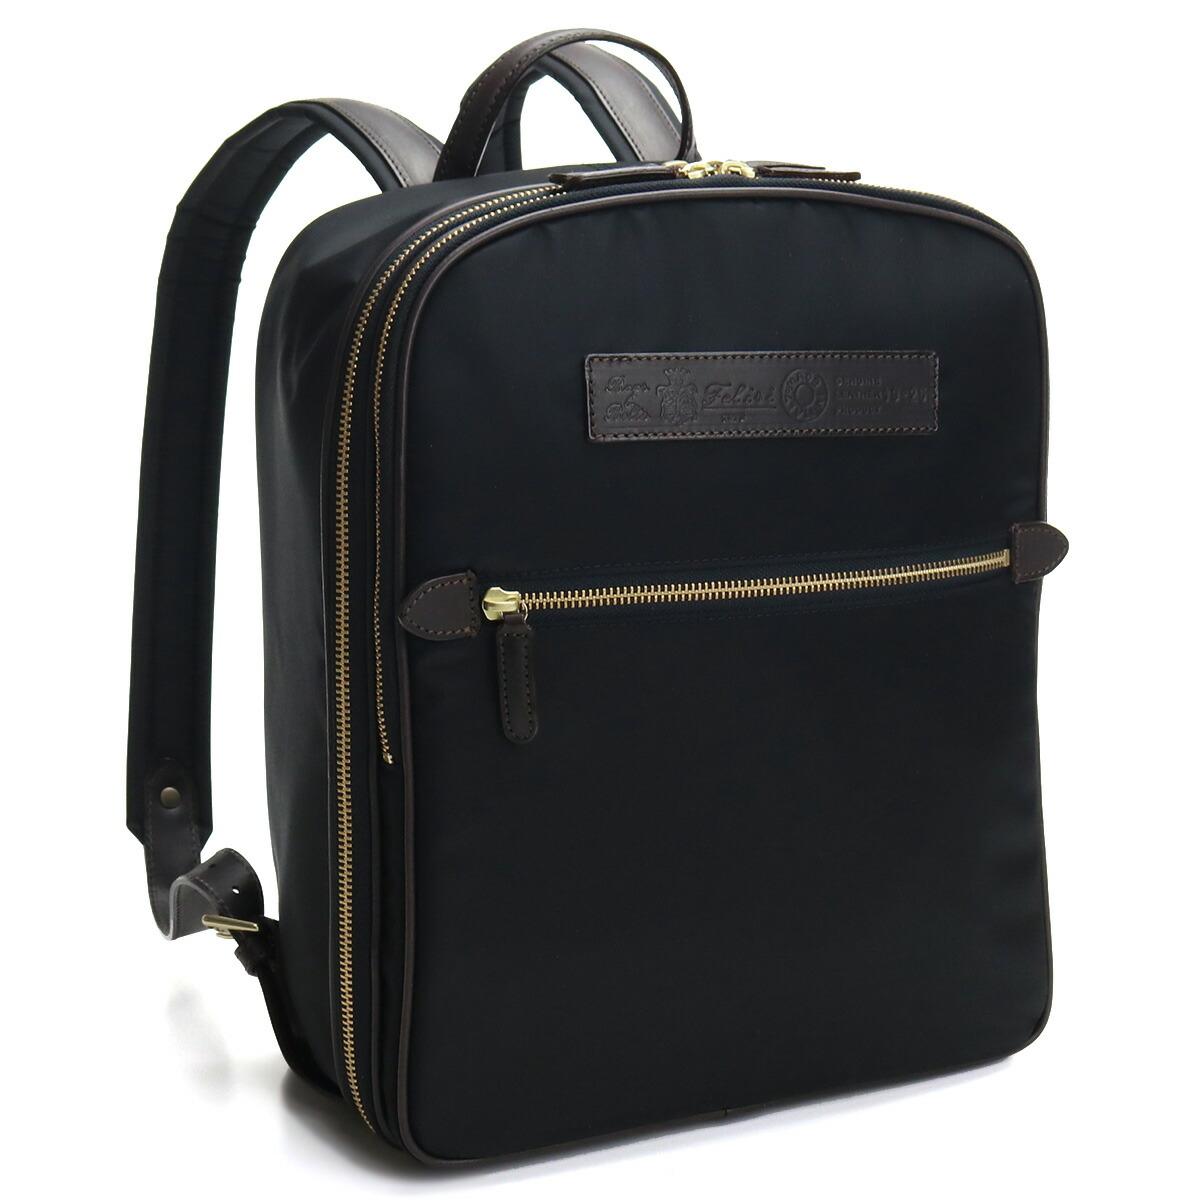 フェリージ FELISI リュック バックパック 19-25 DS03 0040 BLACK/BROWN ブラック 最安値挑戦中メンズ